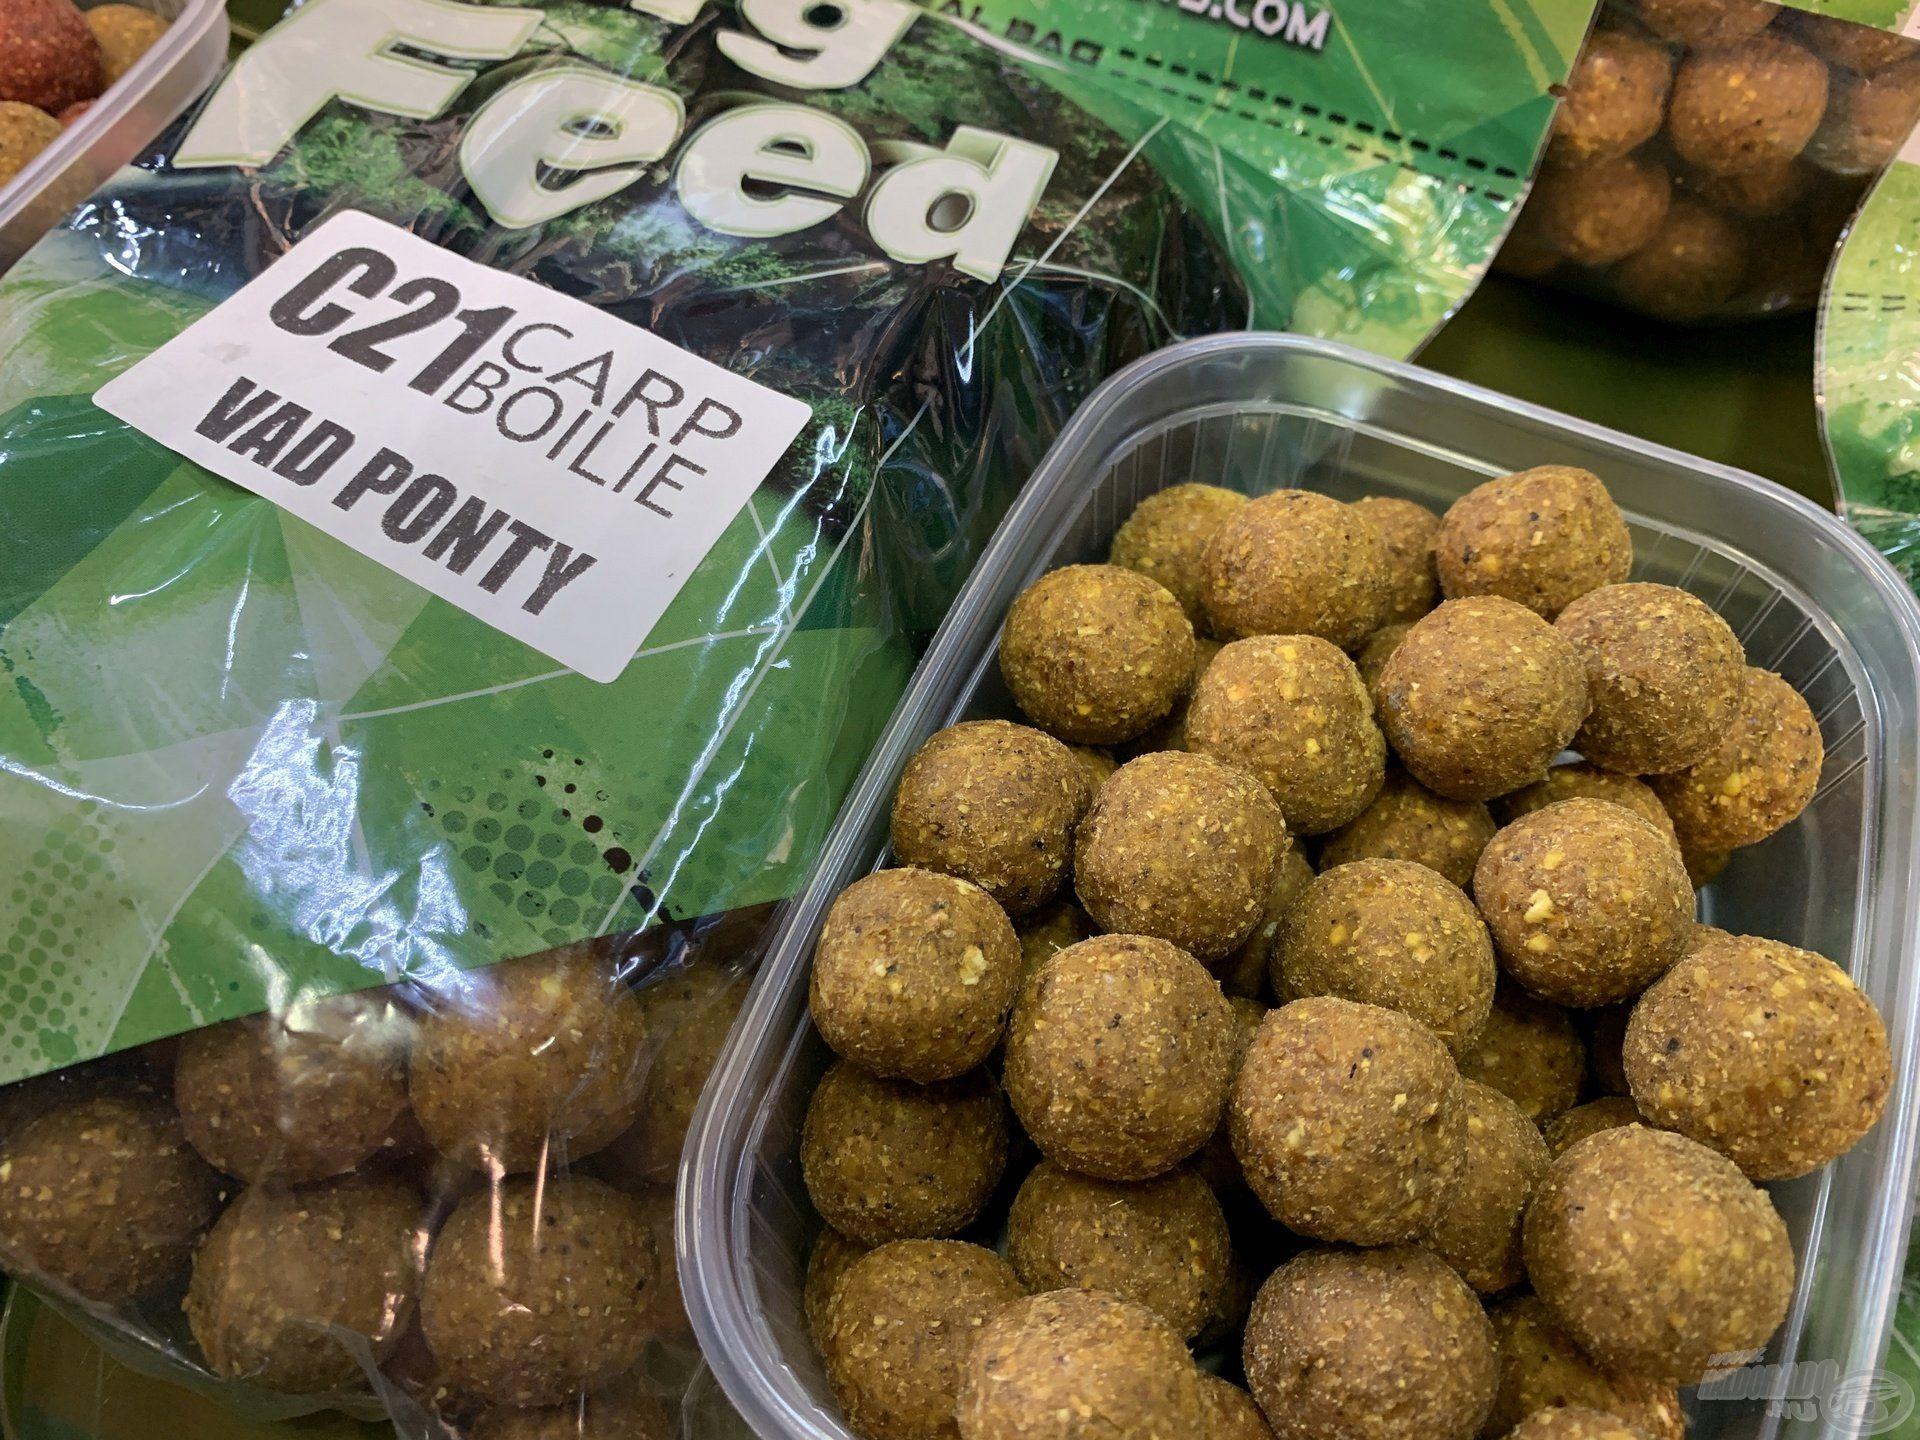 A Vad Ponty csalikat szerintem már nem kell sok horgásznak bemutatni, ez az az ízesítés, amely számos dunai horgásznak már ott lapul a táskájában etetőanyag vagy aroma formájában